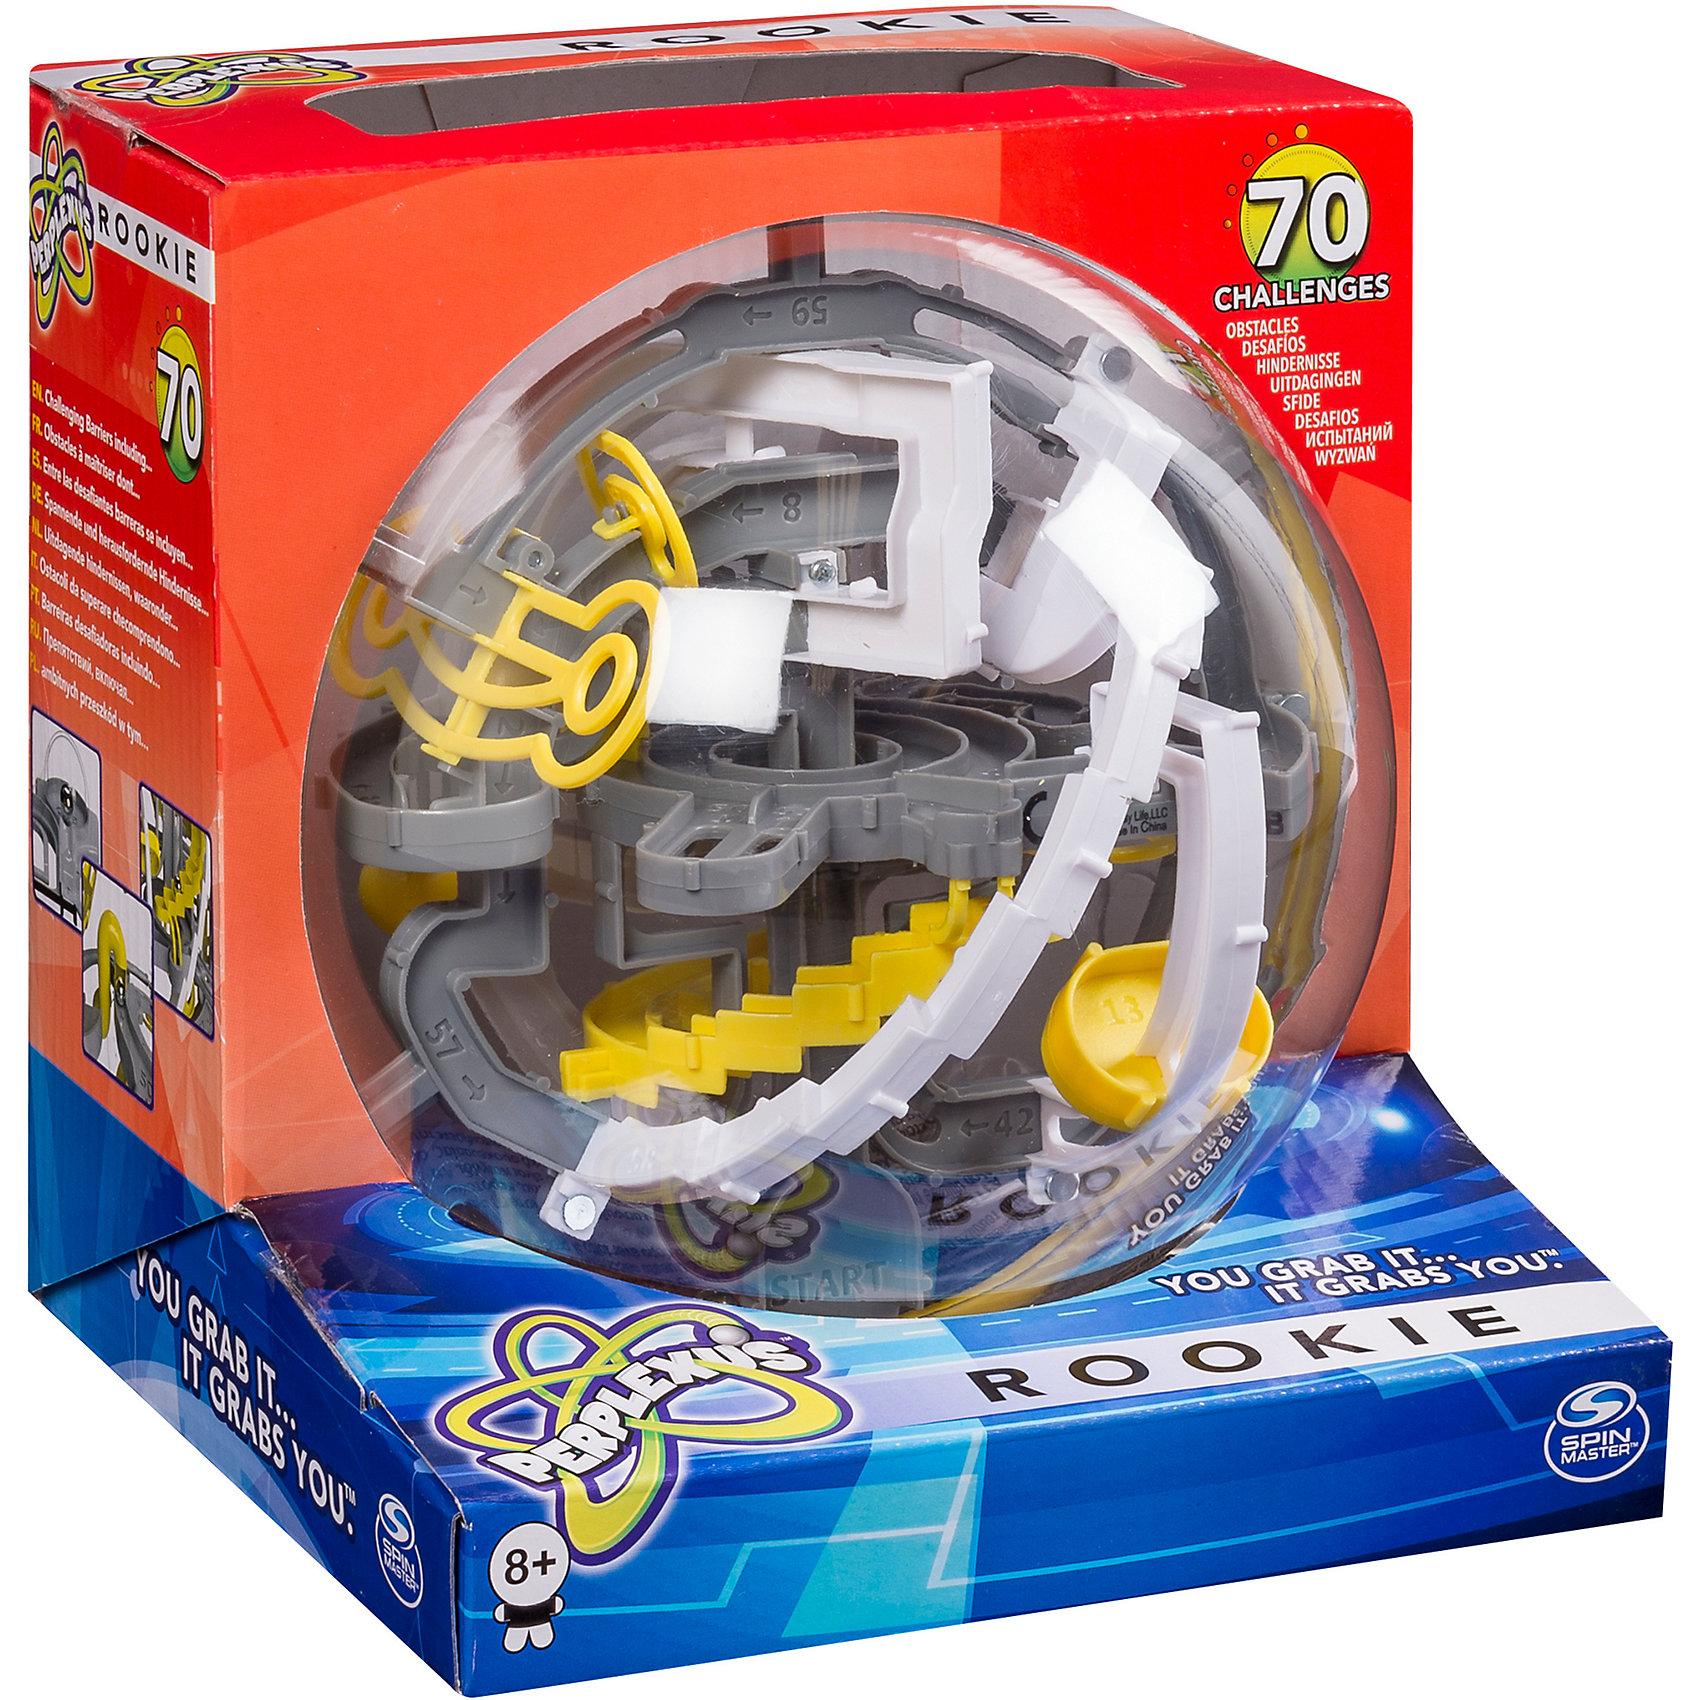 Головоломка Perplexus Rookie, 70 барьеров, Spin Master (цвет серо-белый)Головоломки<br>Головоломка Perplexus Rookie (Перплексус Роки)– прозрачный шар, внутри которого находится лабиринт с 70 барьерами, которые нужно преодолеть металлическим шариком. Цель игры  – провести металлический шарик от начала и до конца лабиринта.<br>Шарик-лабиринт головоломку для детей нужно поворачивать в руках, чтобы проходить лабиринт, при этом поворачивать шар нужно аккуратно, чтобы металлический шарик не упал из одного из пройденных этапов. <br>Игра головоломка для детей развивает логическое мышление, координацию движений. <br><br>Головоломка Perplexus Rookie надолго увлечет вашего ребенка!<br><br>Дополнительная информация:<br><br>- Размер(ДхШхВ), см: 17,5 х 16,5 х 18<br>- Диаметр шара: 15 мм<br>- Вес: 388 г.<br>Внимание! Данный артикул в н.вр. имеется только в серо-белом исполнении. <br><br>Головоломку Perplexus Rookie, 70 барьеров, Spin Master можно купить в нашем интернет-магазине<br><br>Ширина мм: 185<br>Глубина мм: 177<br>Высота мм: 162<br>Вес г: 270<br>Возраст от месяцев: 96<br>Возраст до месяцев: 228<br>Пол: Унисекс<br>Возраст: Детский<br>SKU: 3375360